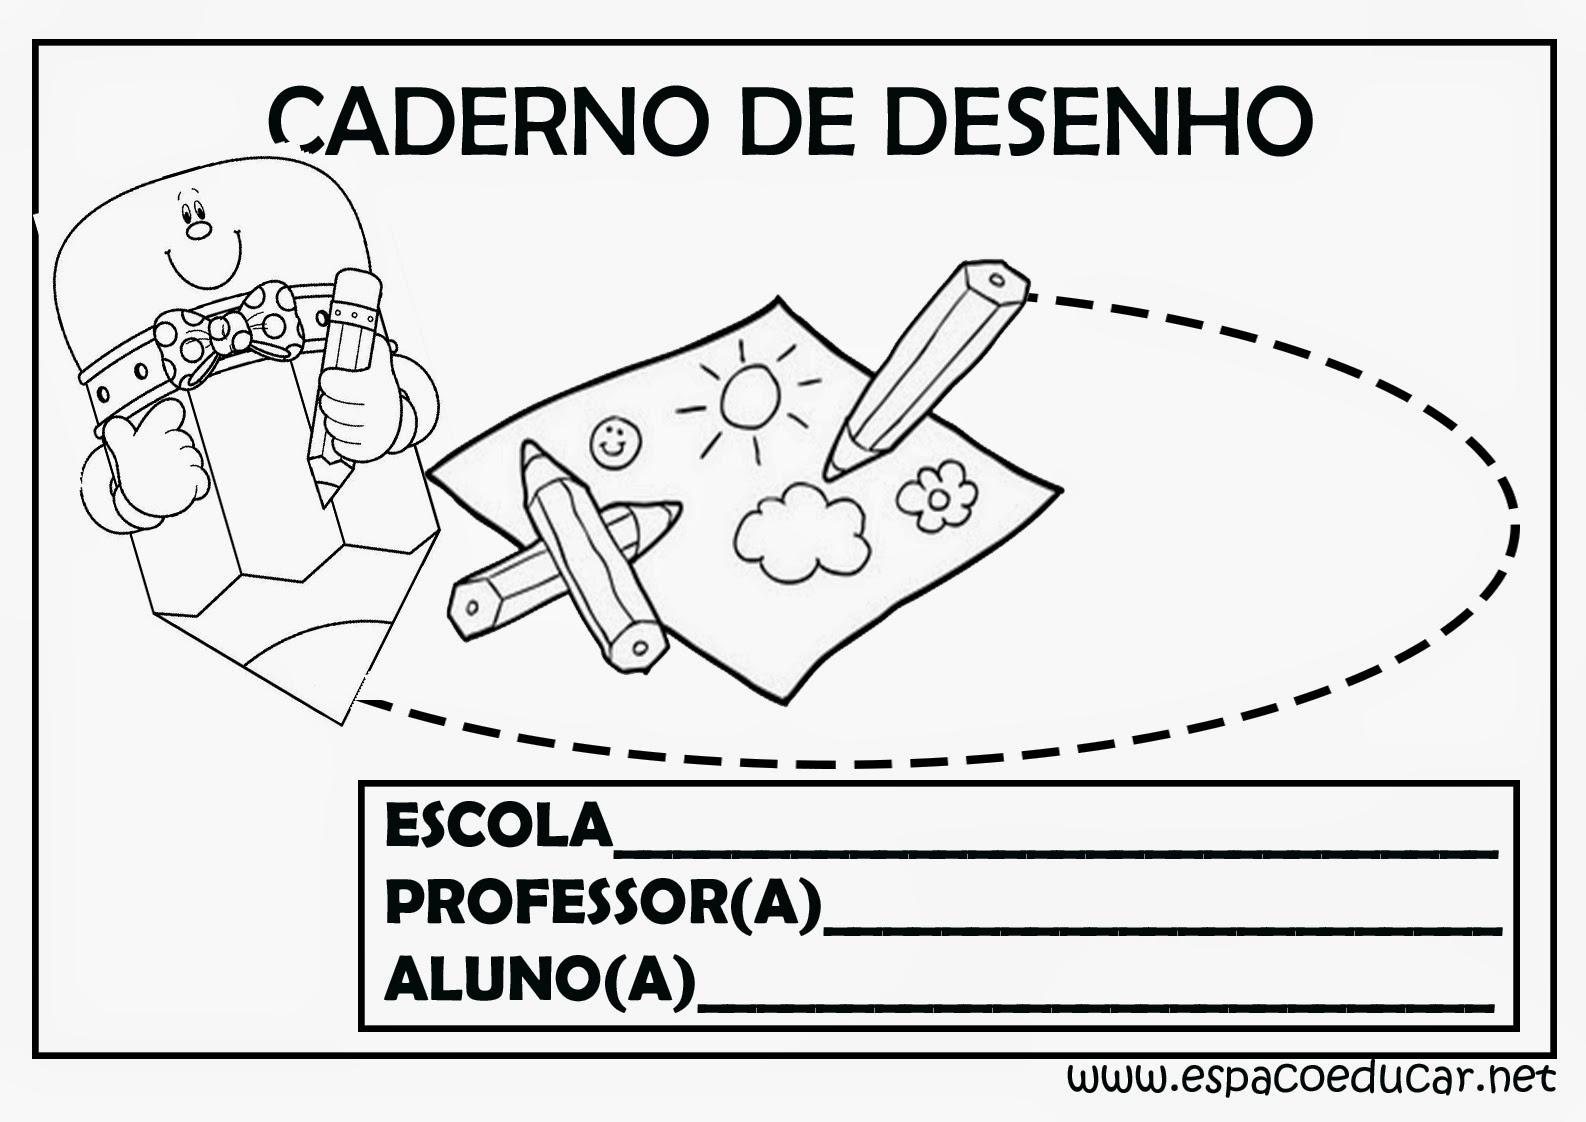 Extremamente ESPAÇO EDUCAR: Capas para caderno ou frentes para caderno prontas  UW29